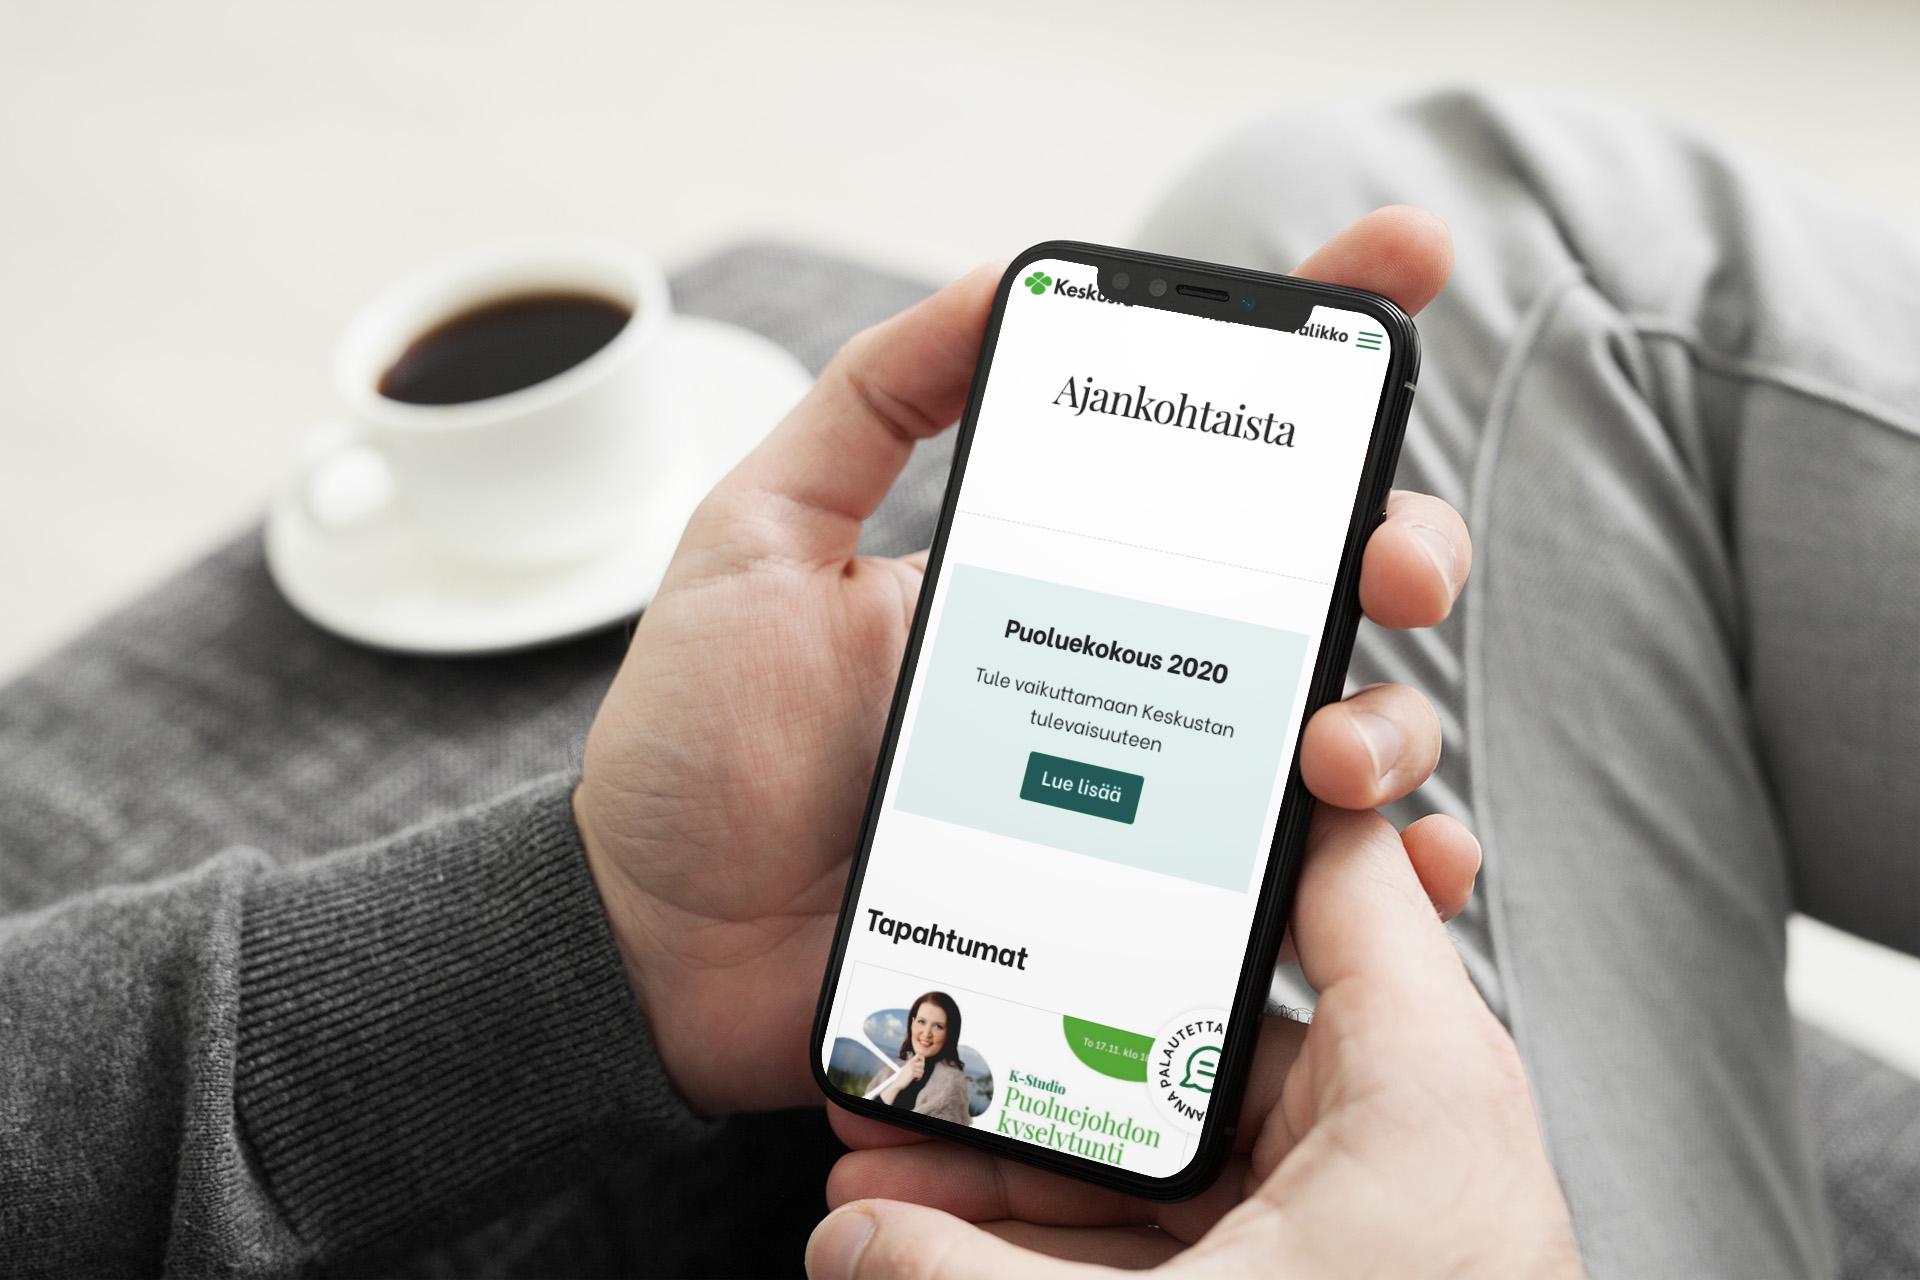 Keskusta.fi ajankohtaista sivu älypuhelimen näytöllä.